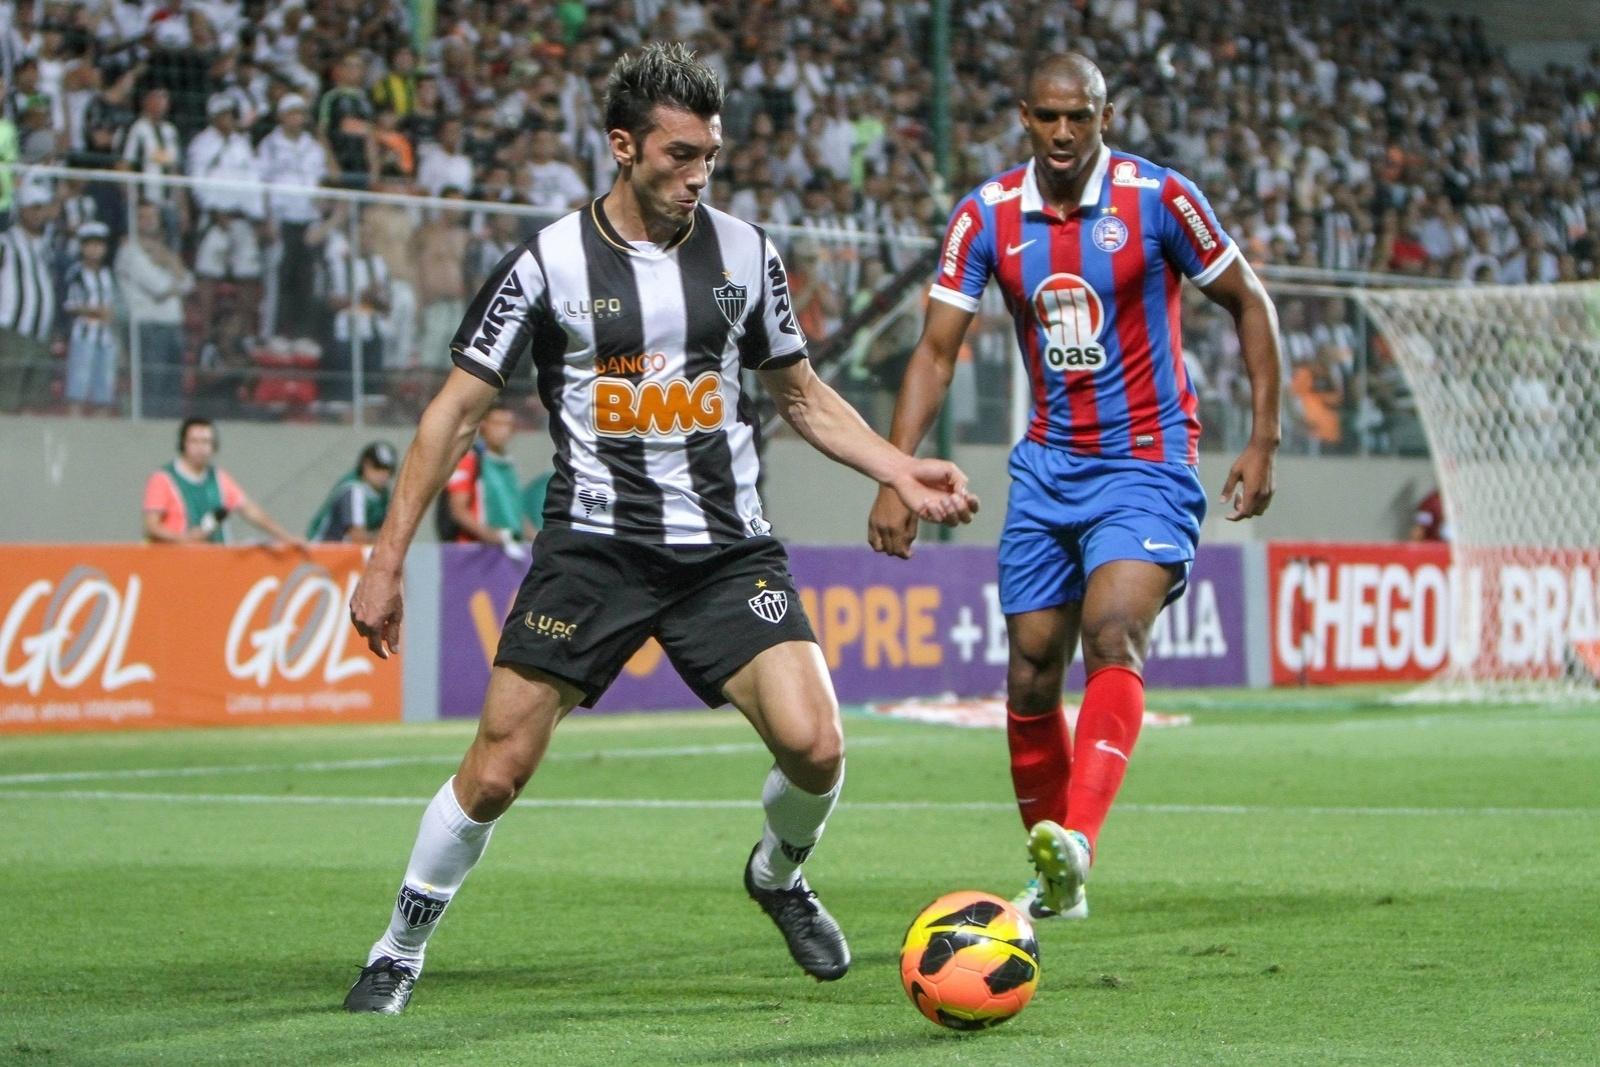 14.ago.2013 - Dátolo (e) tenta fugir da marcação durante a partida contra o Bahia no Independência